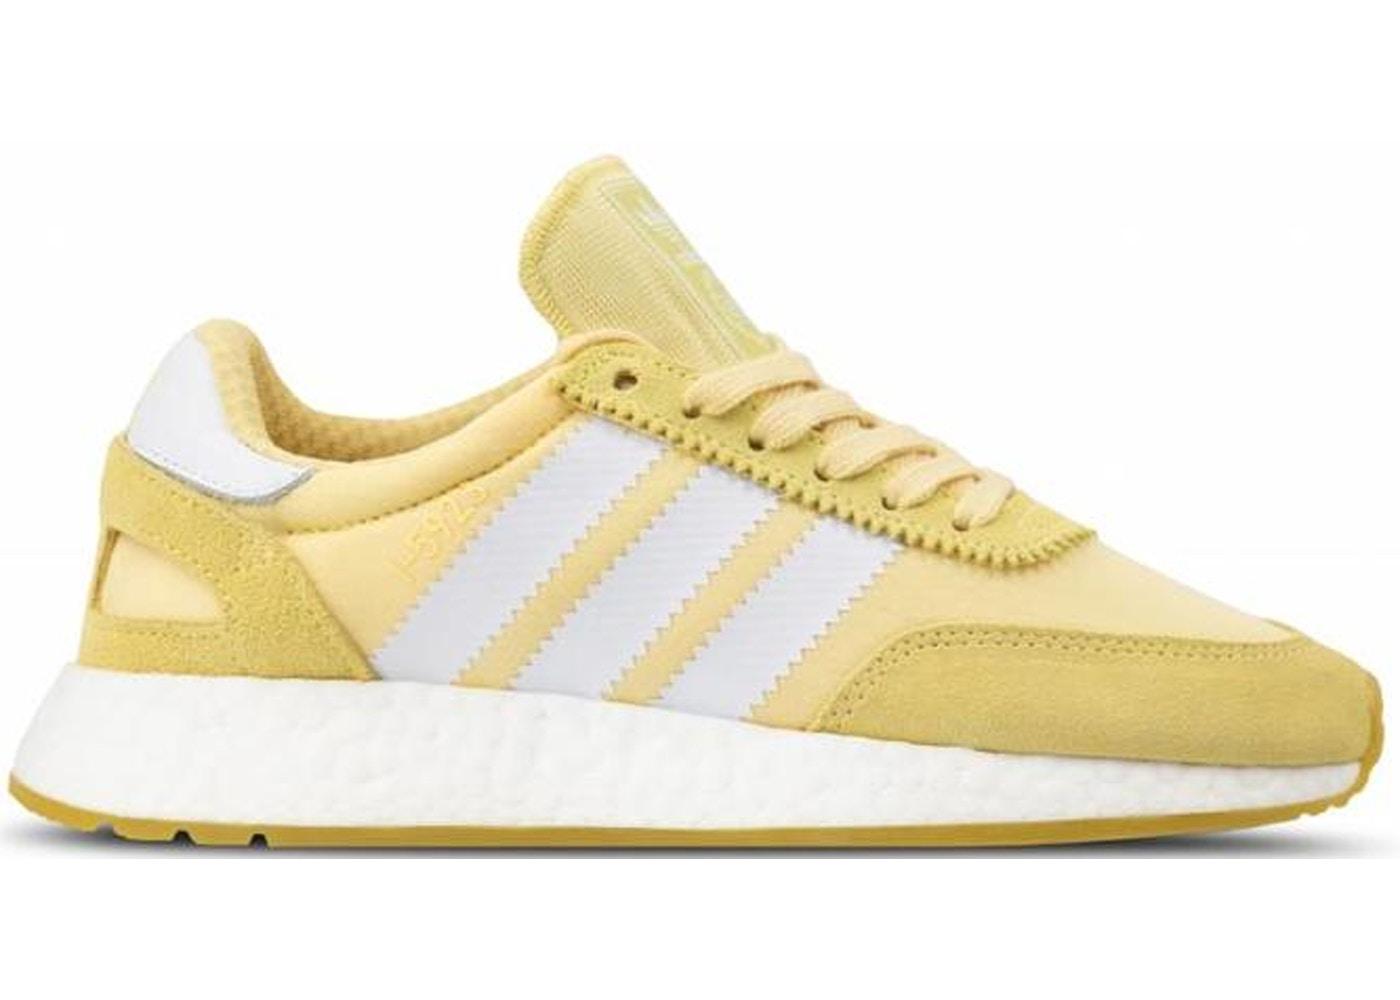 a78b3e32ef3 adidas I-5923 Clear Yellow (W) - B37972